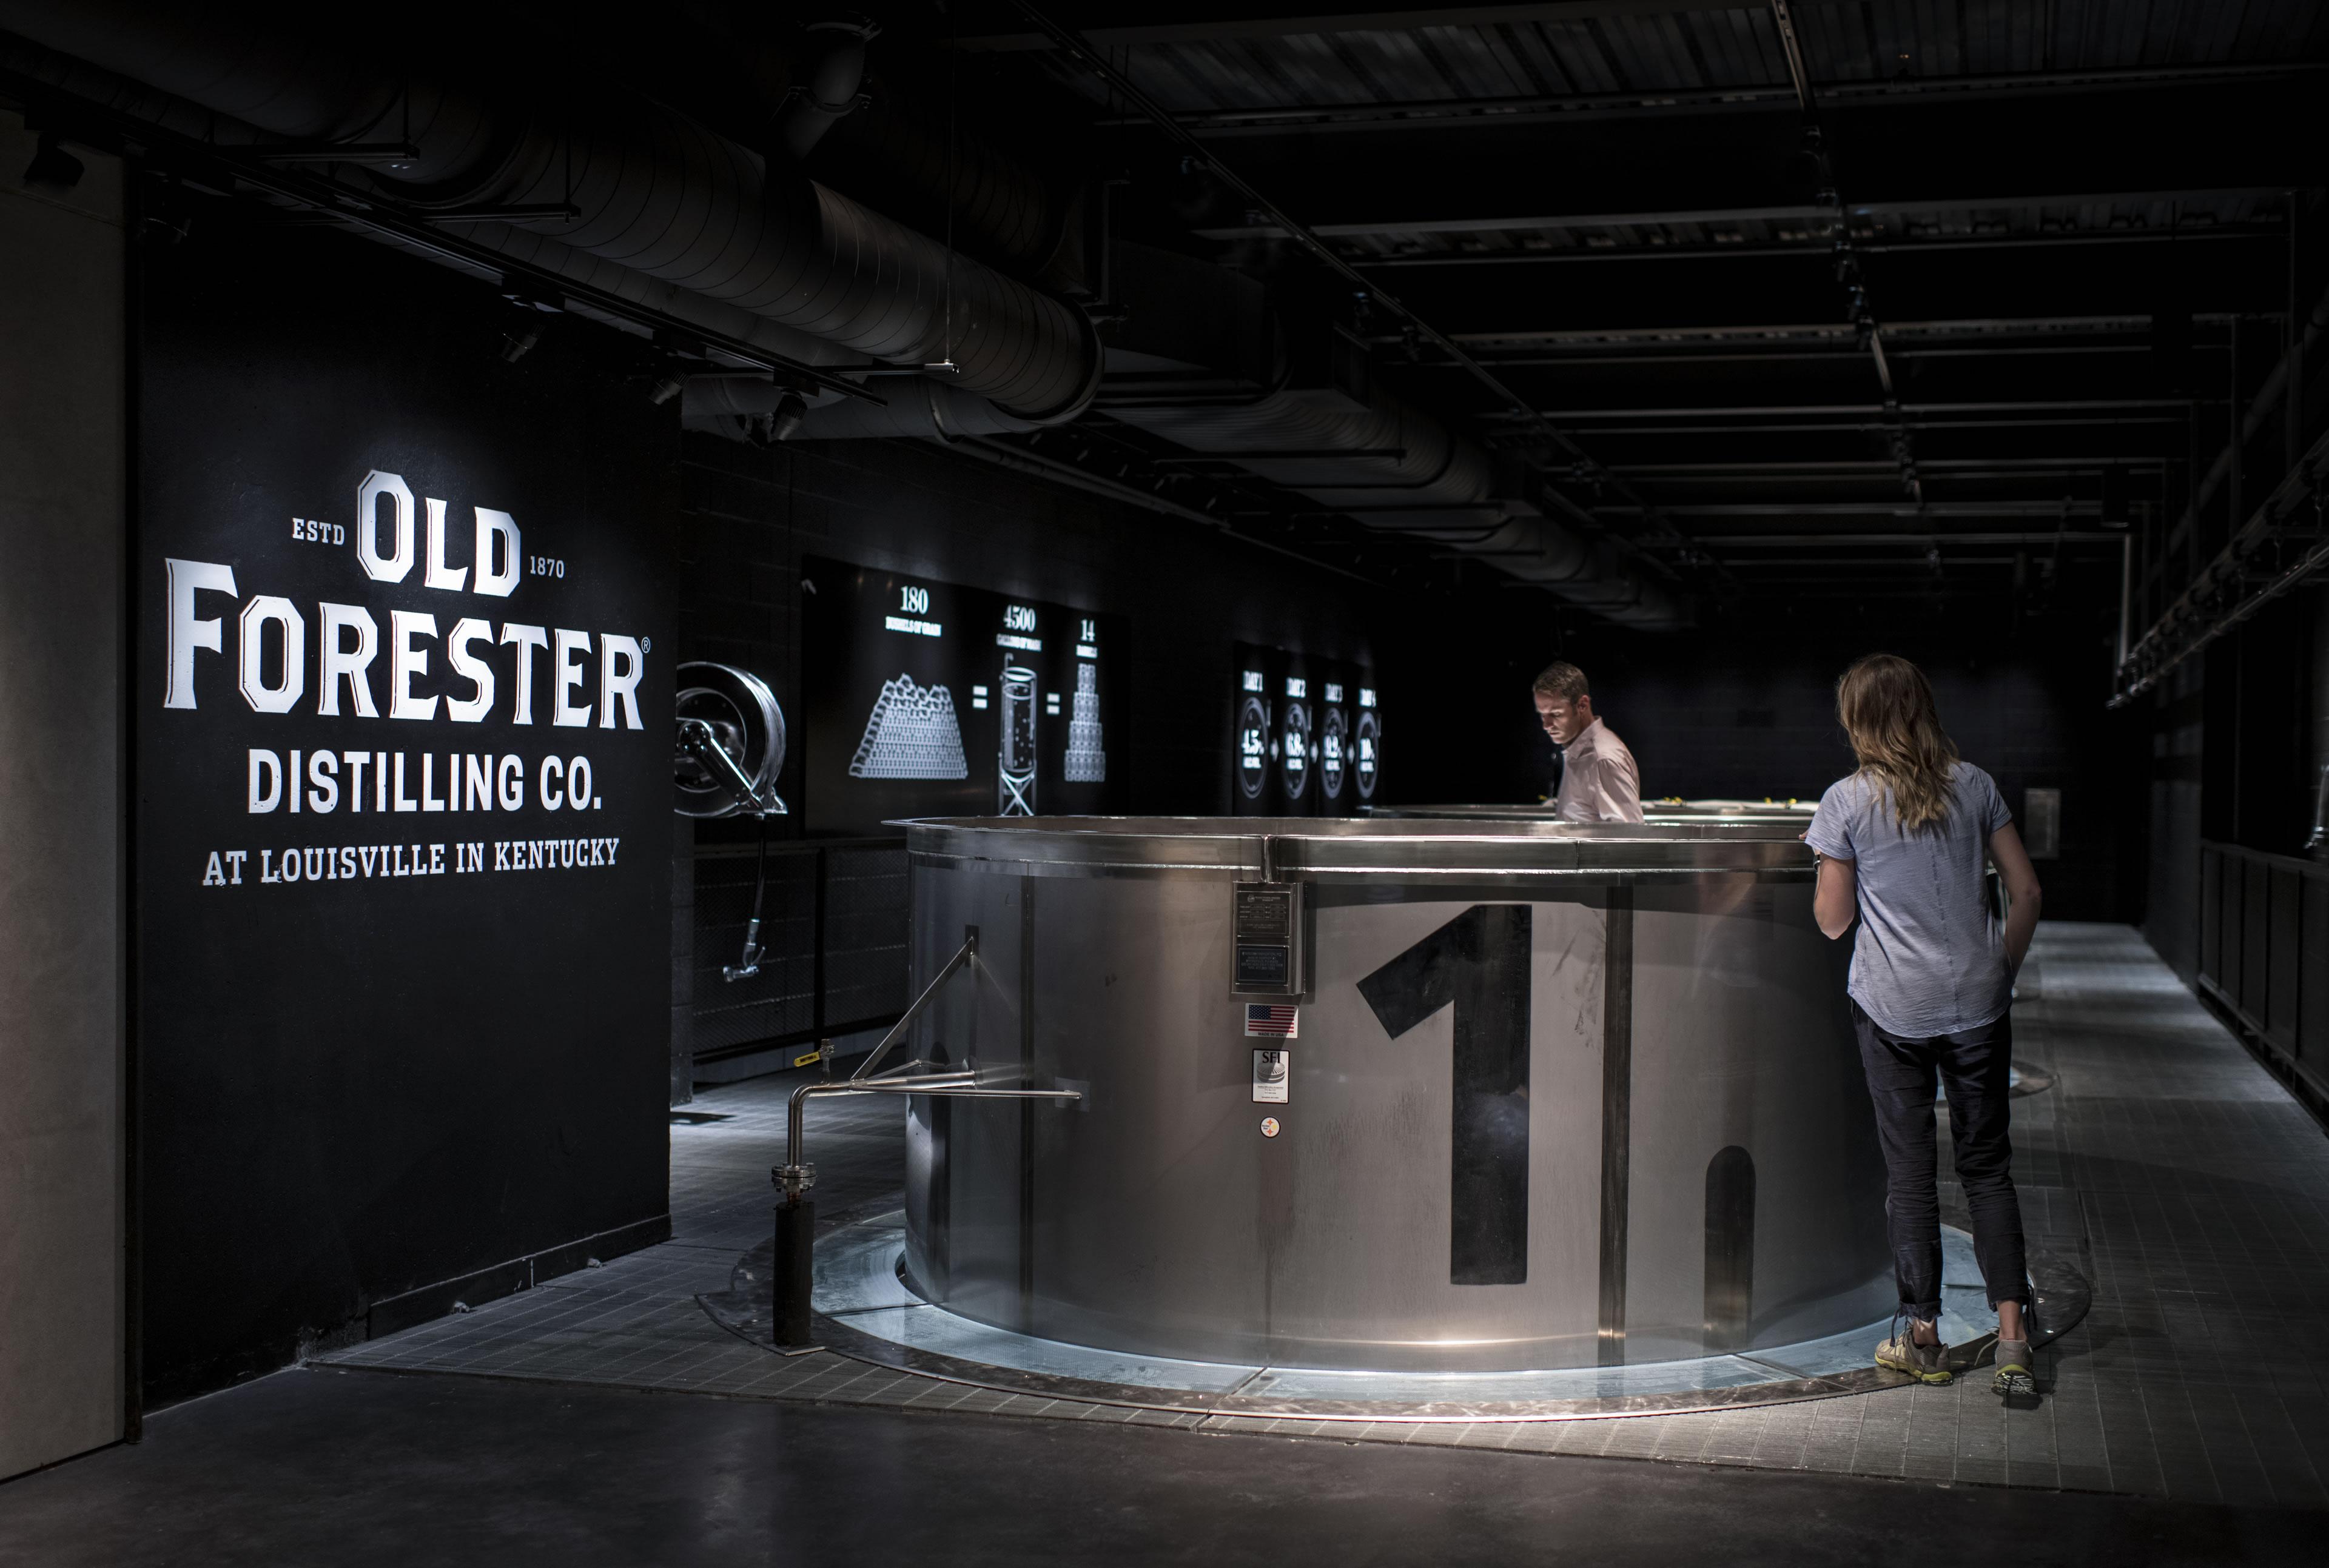 Old Forester Distilling Co. image 3